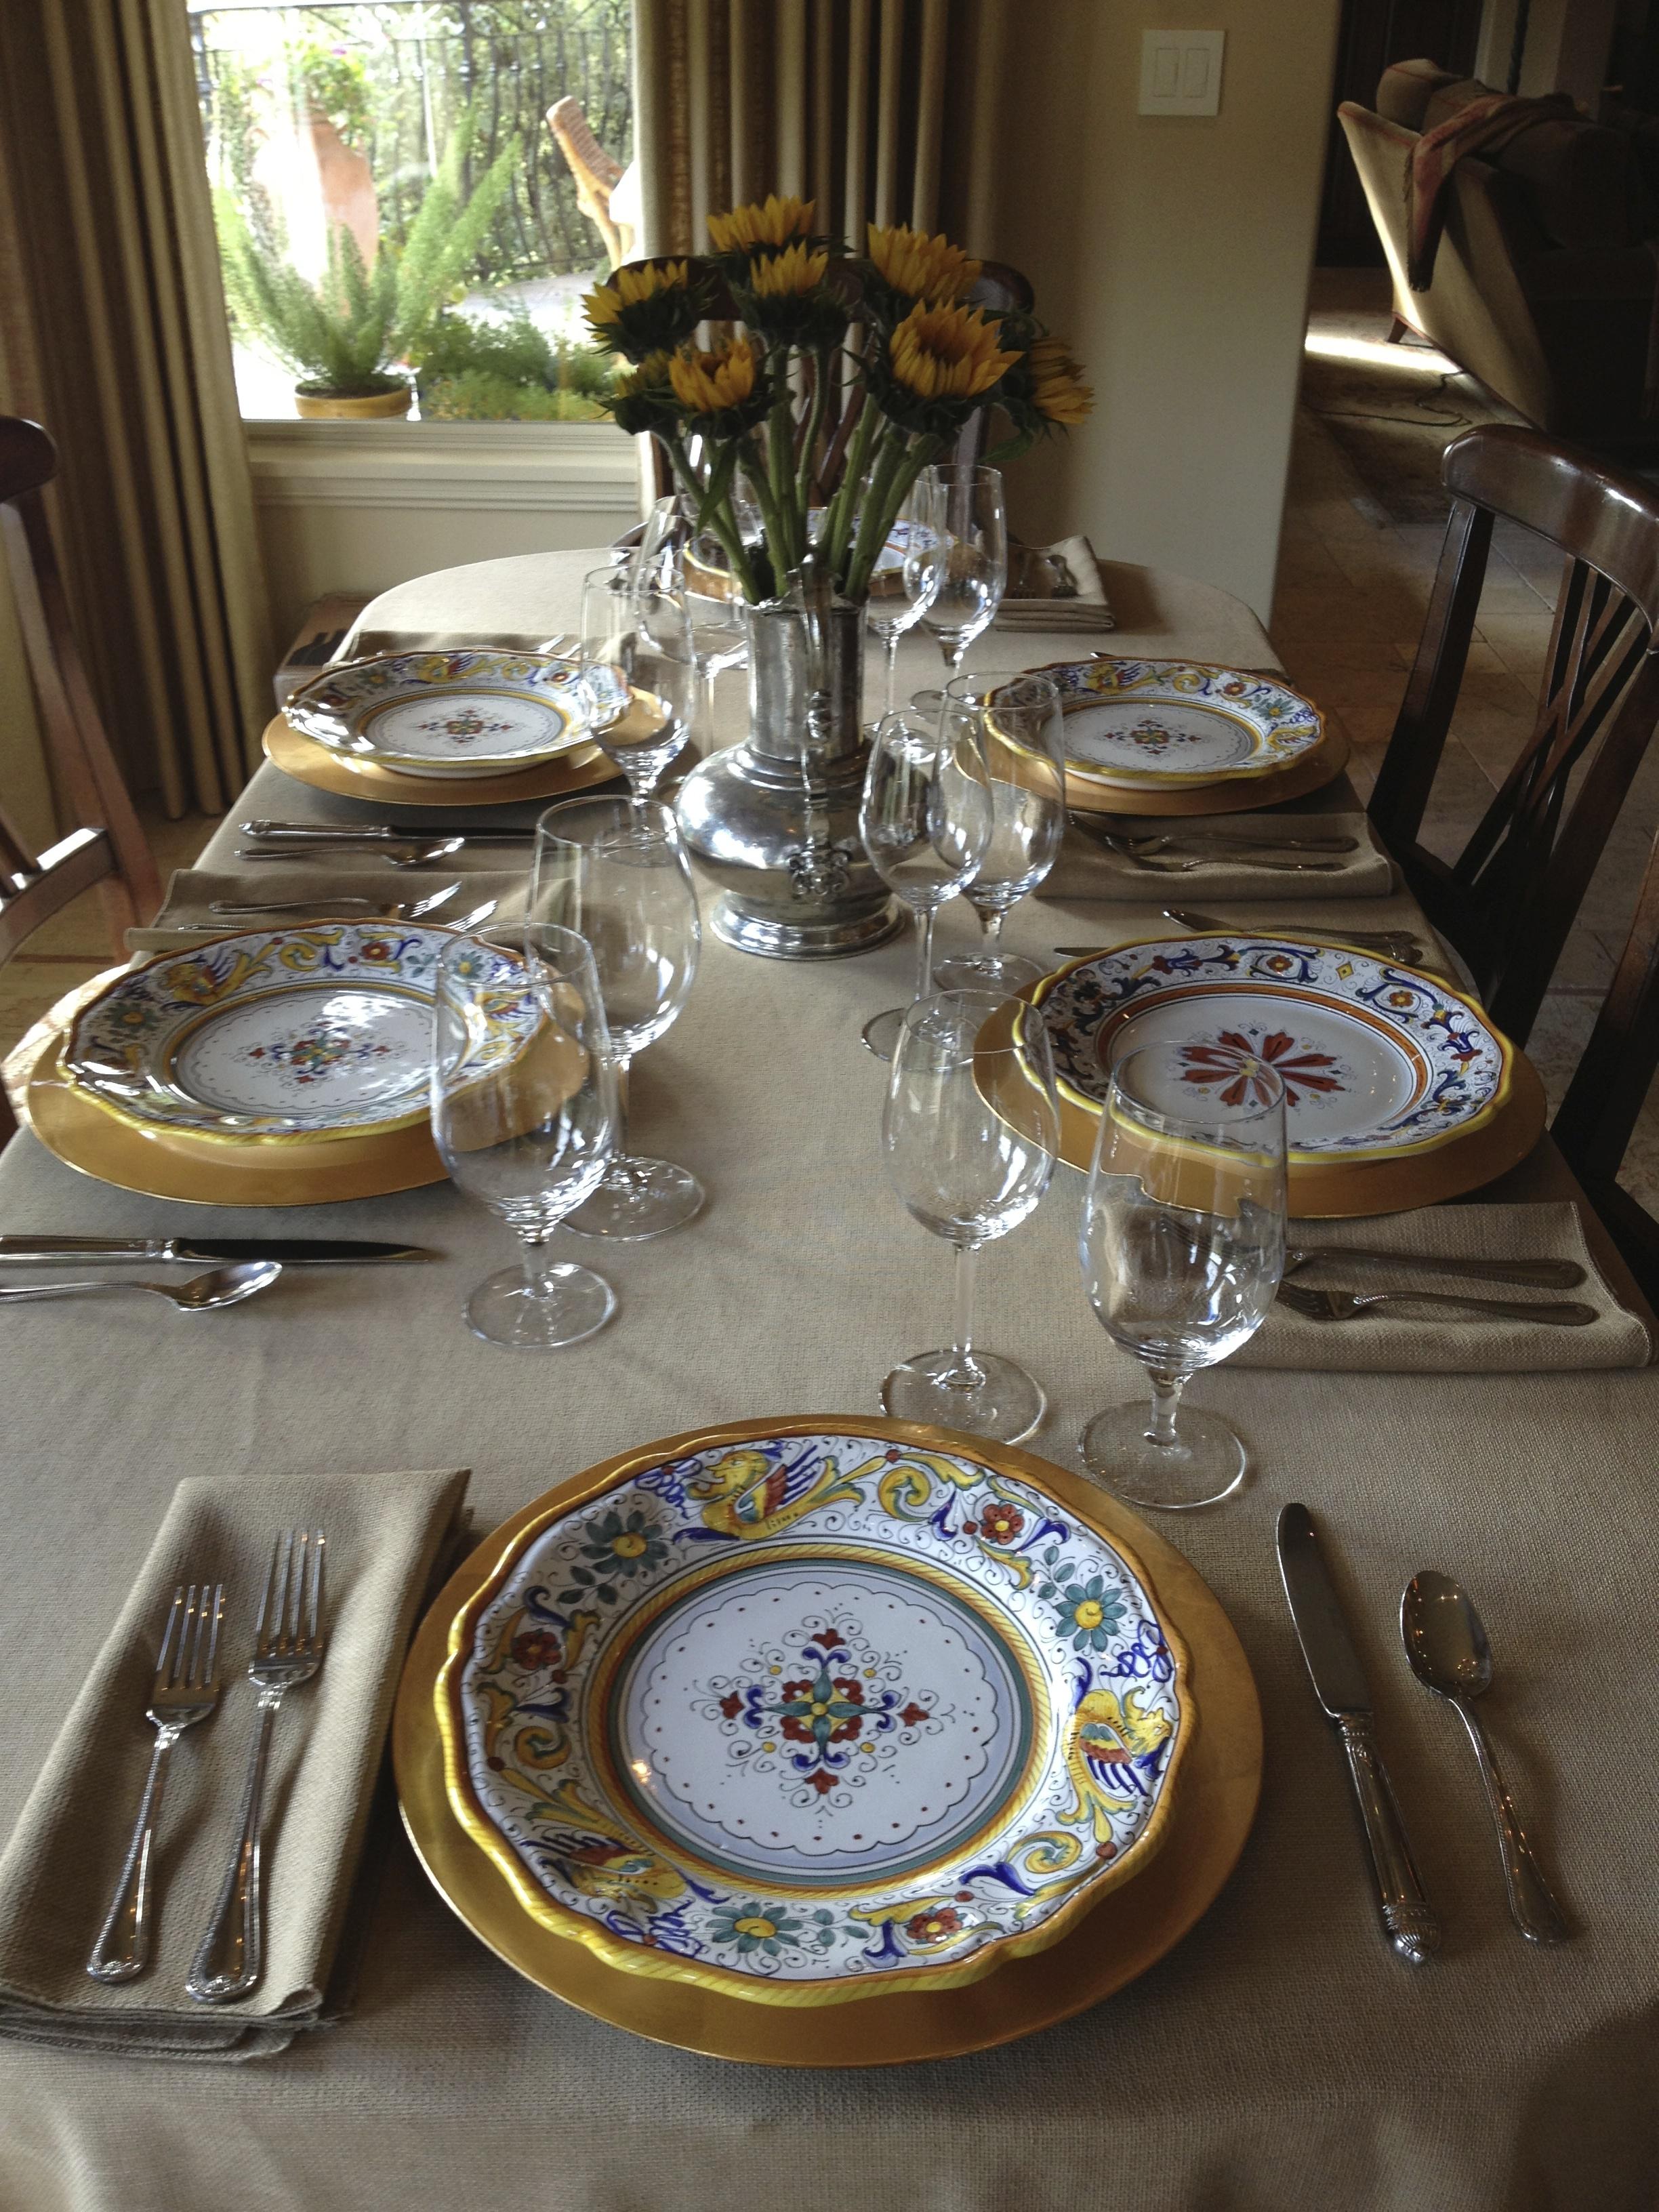 IMG_0985 & Holiday Entertaining with Saxony Damask \u0026 Burlap Table Linens ...